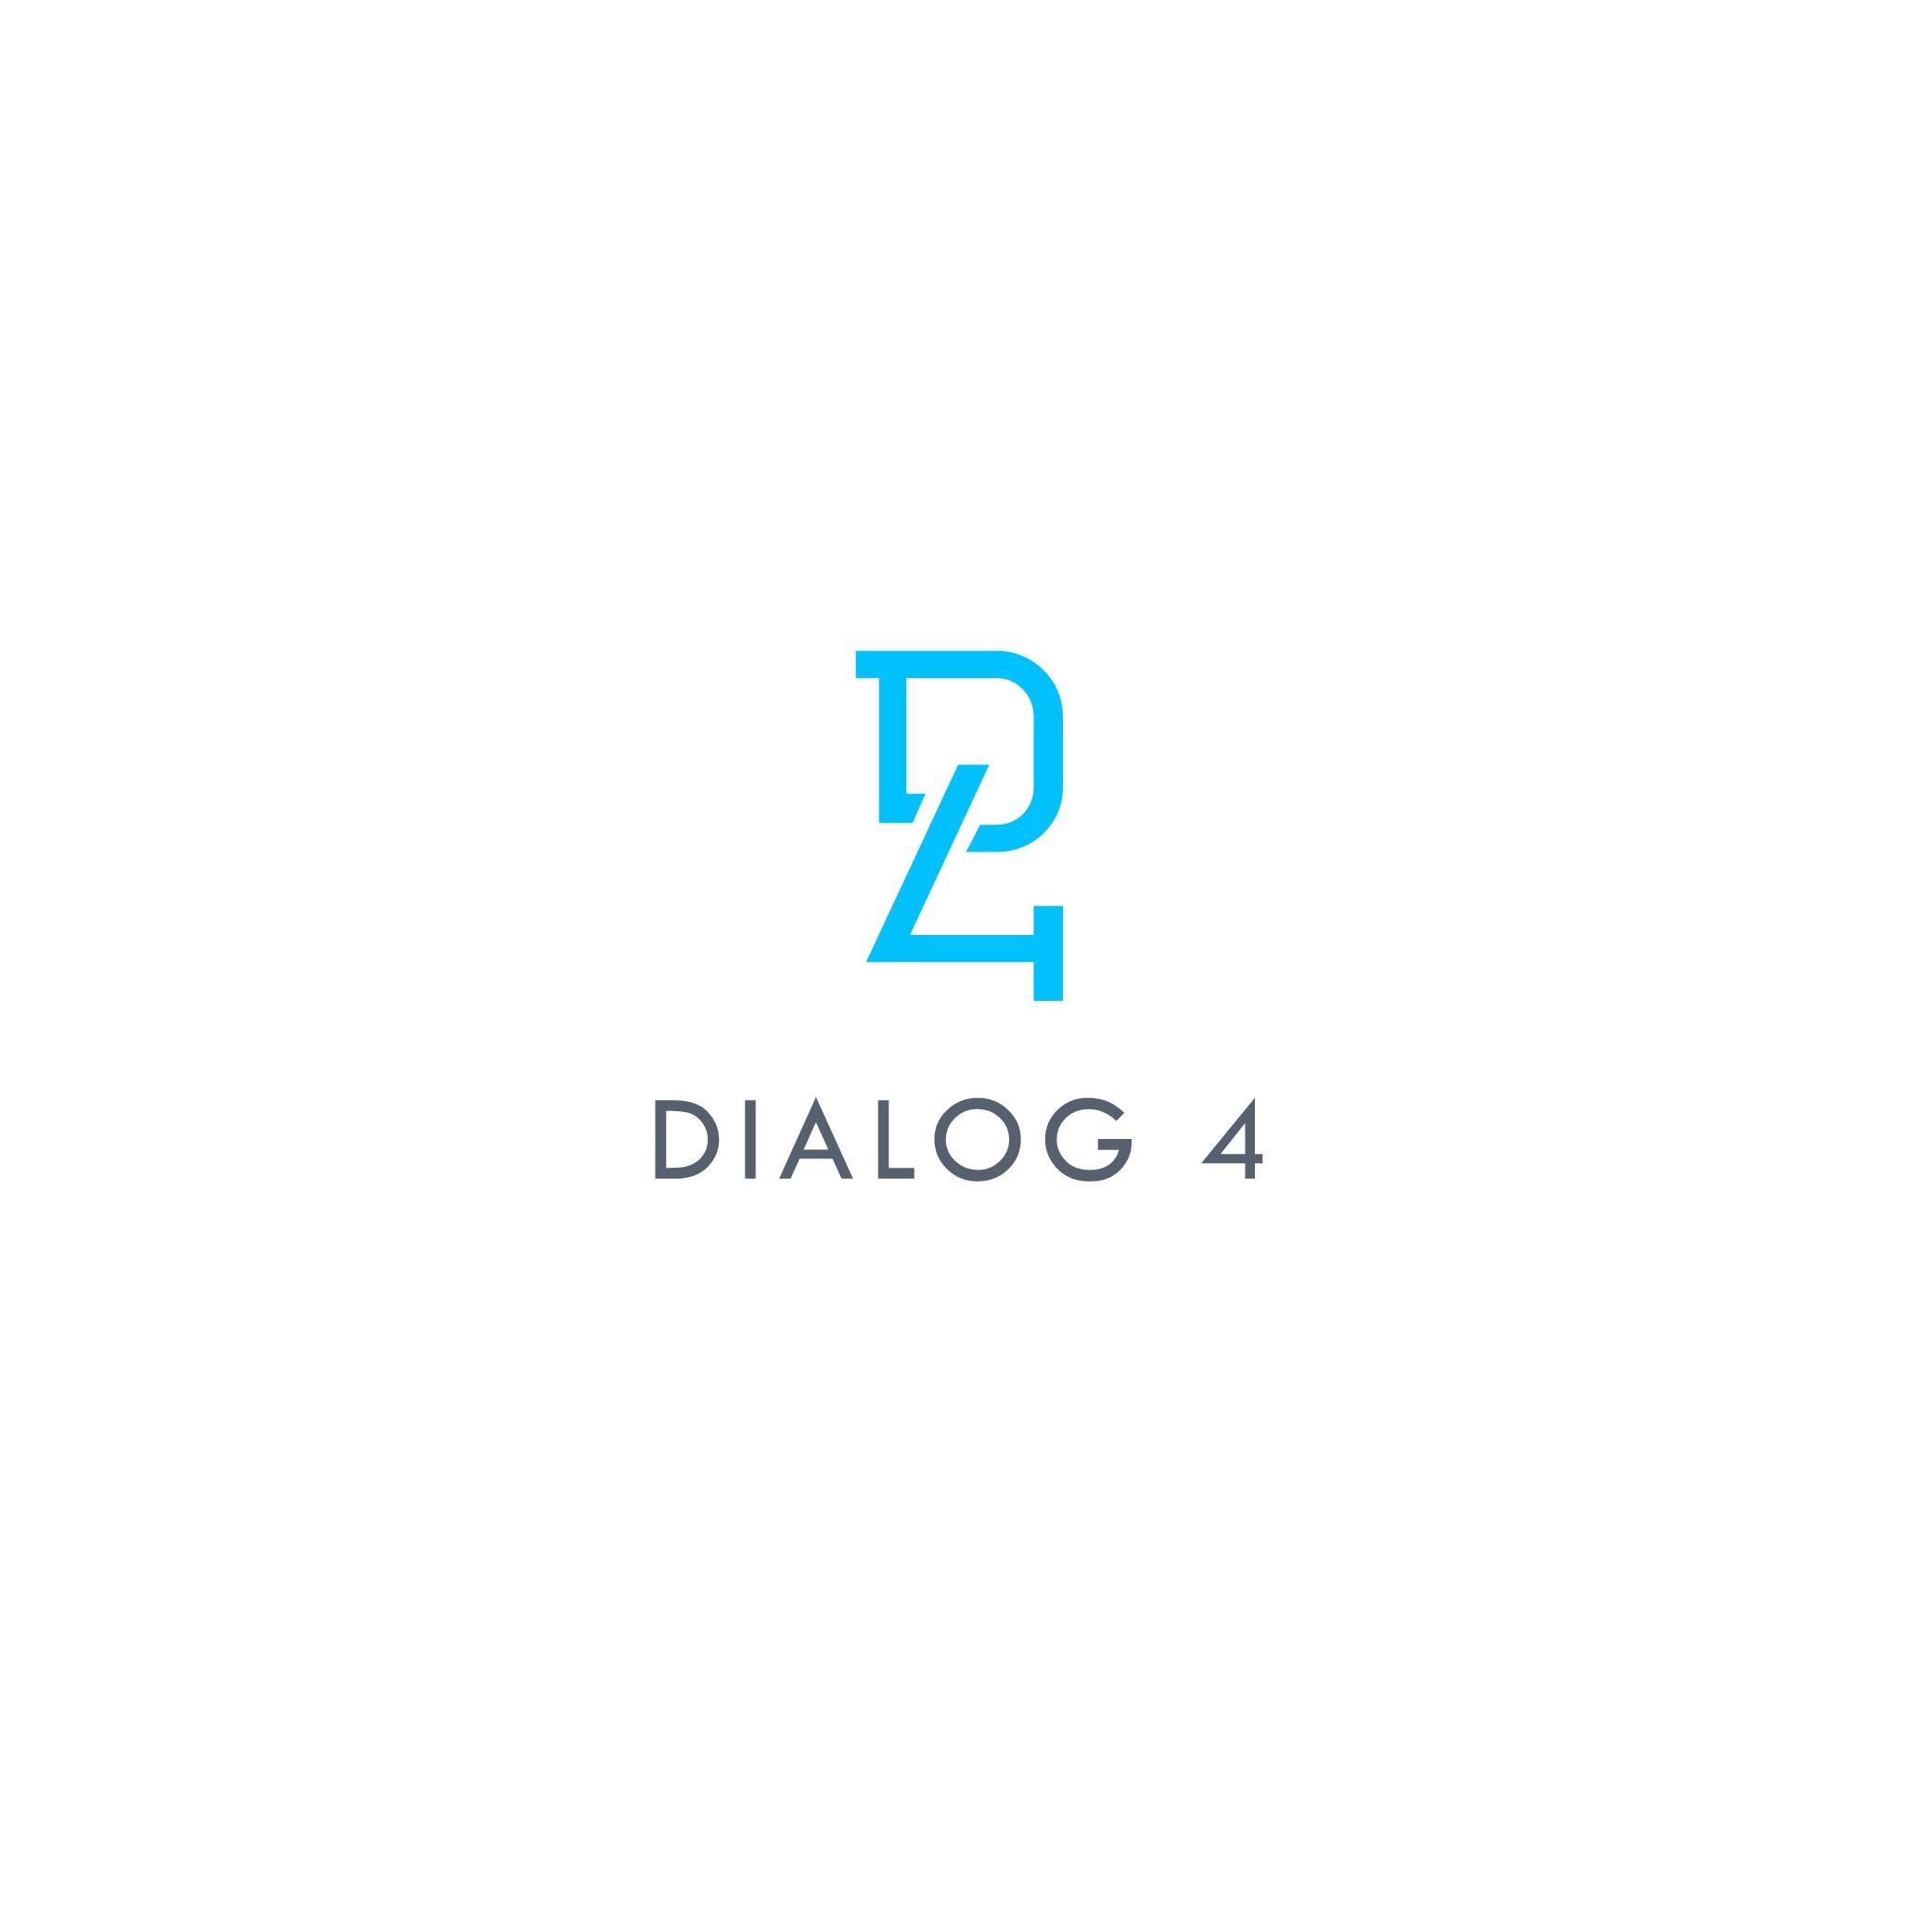 Erstelle ein kompetentes, spannendes Logo für Dialog 4